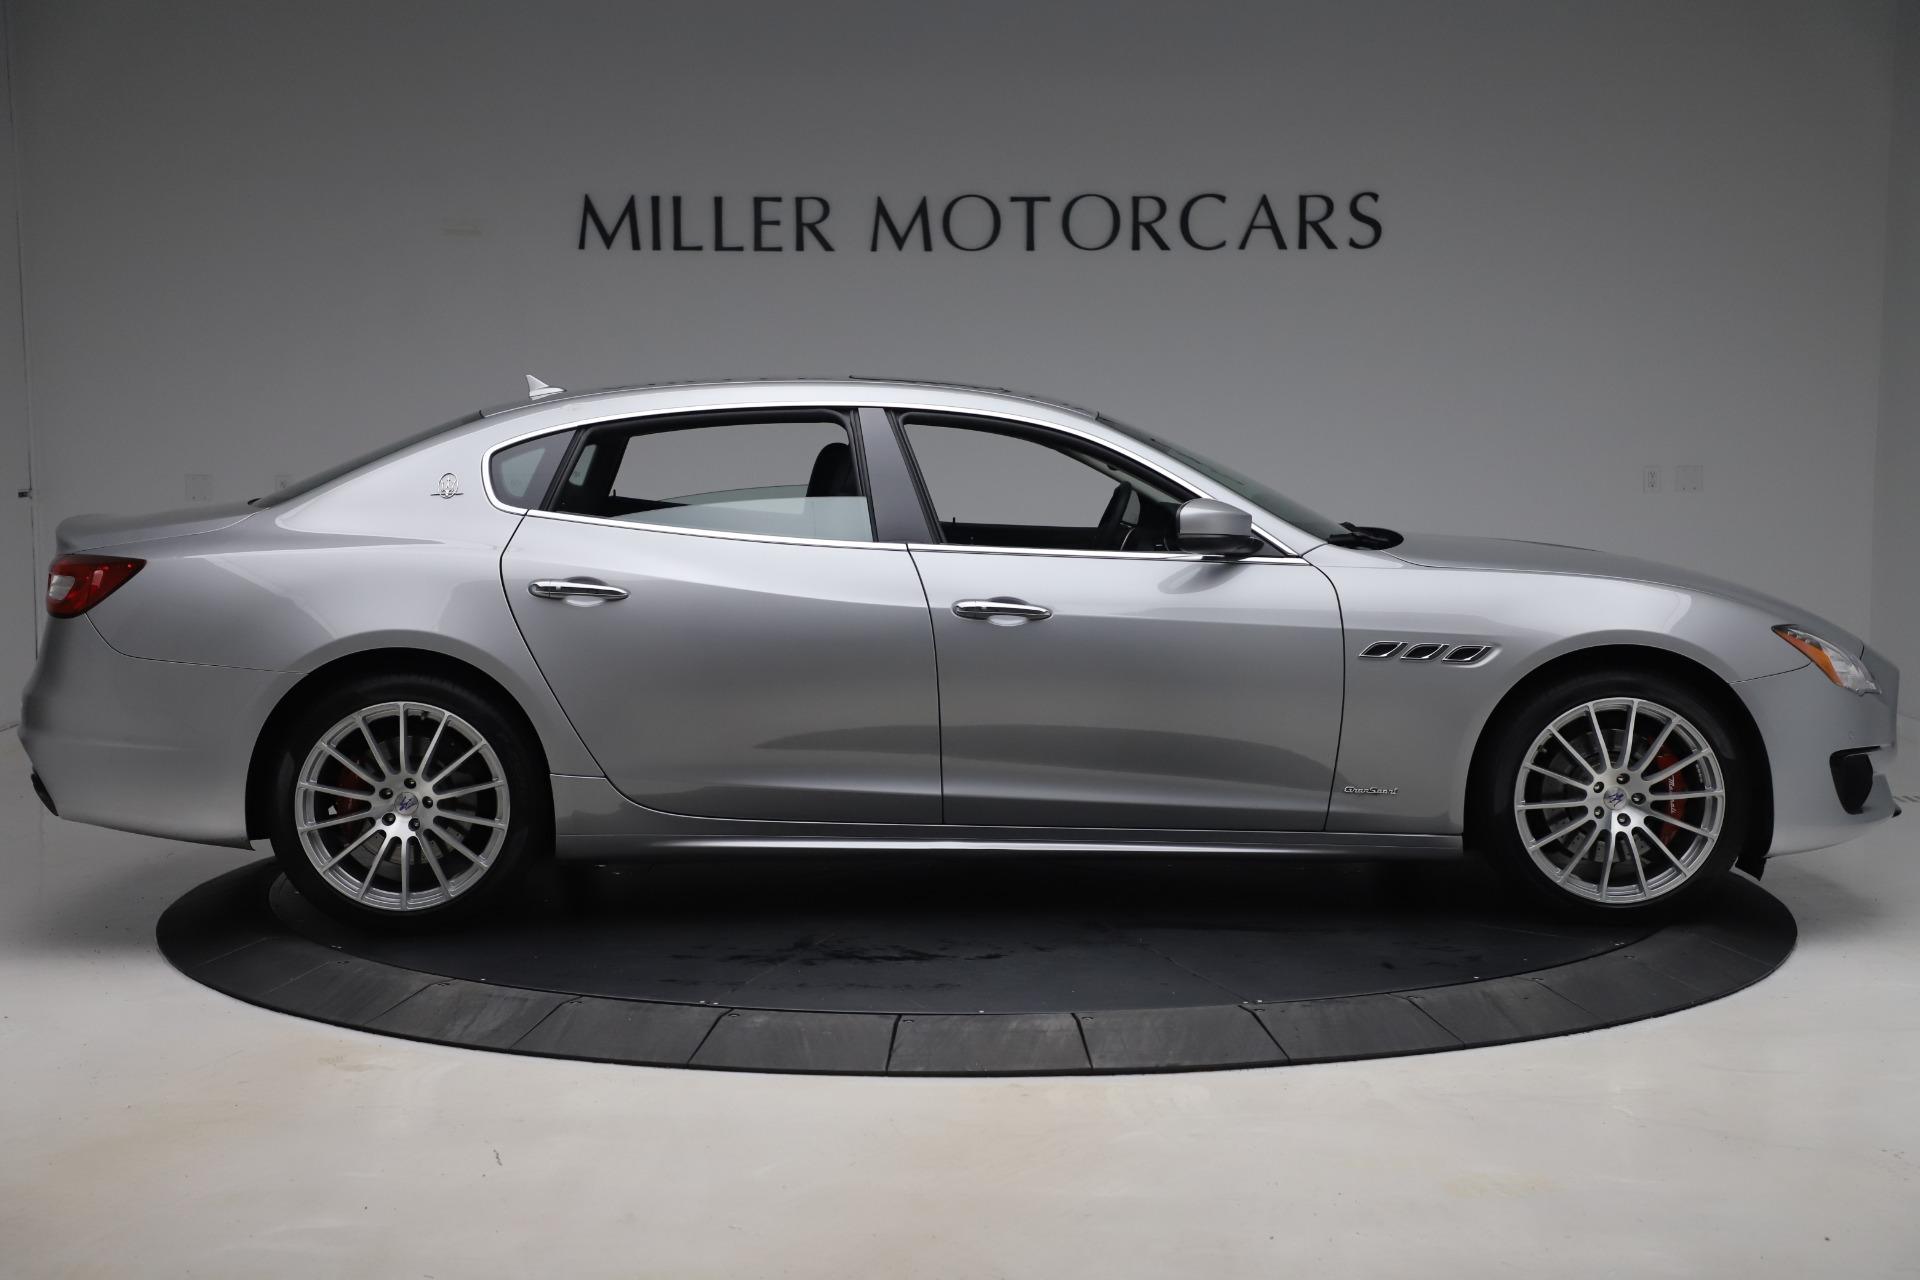 Used 2017 Maserati Quattroporte S Q4 GranSport